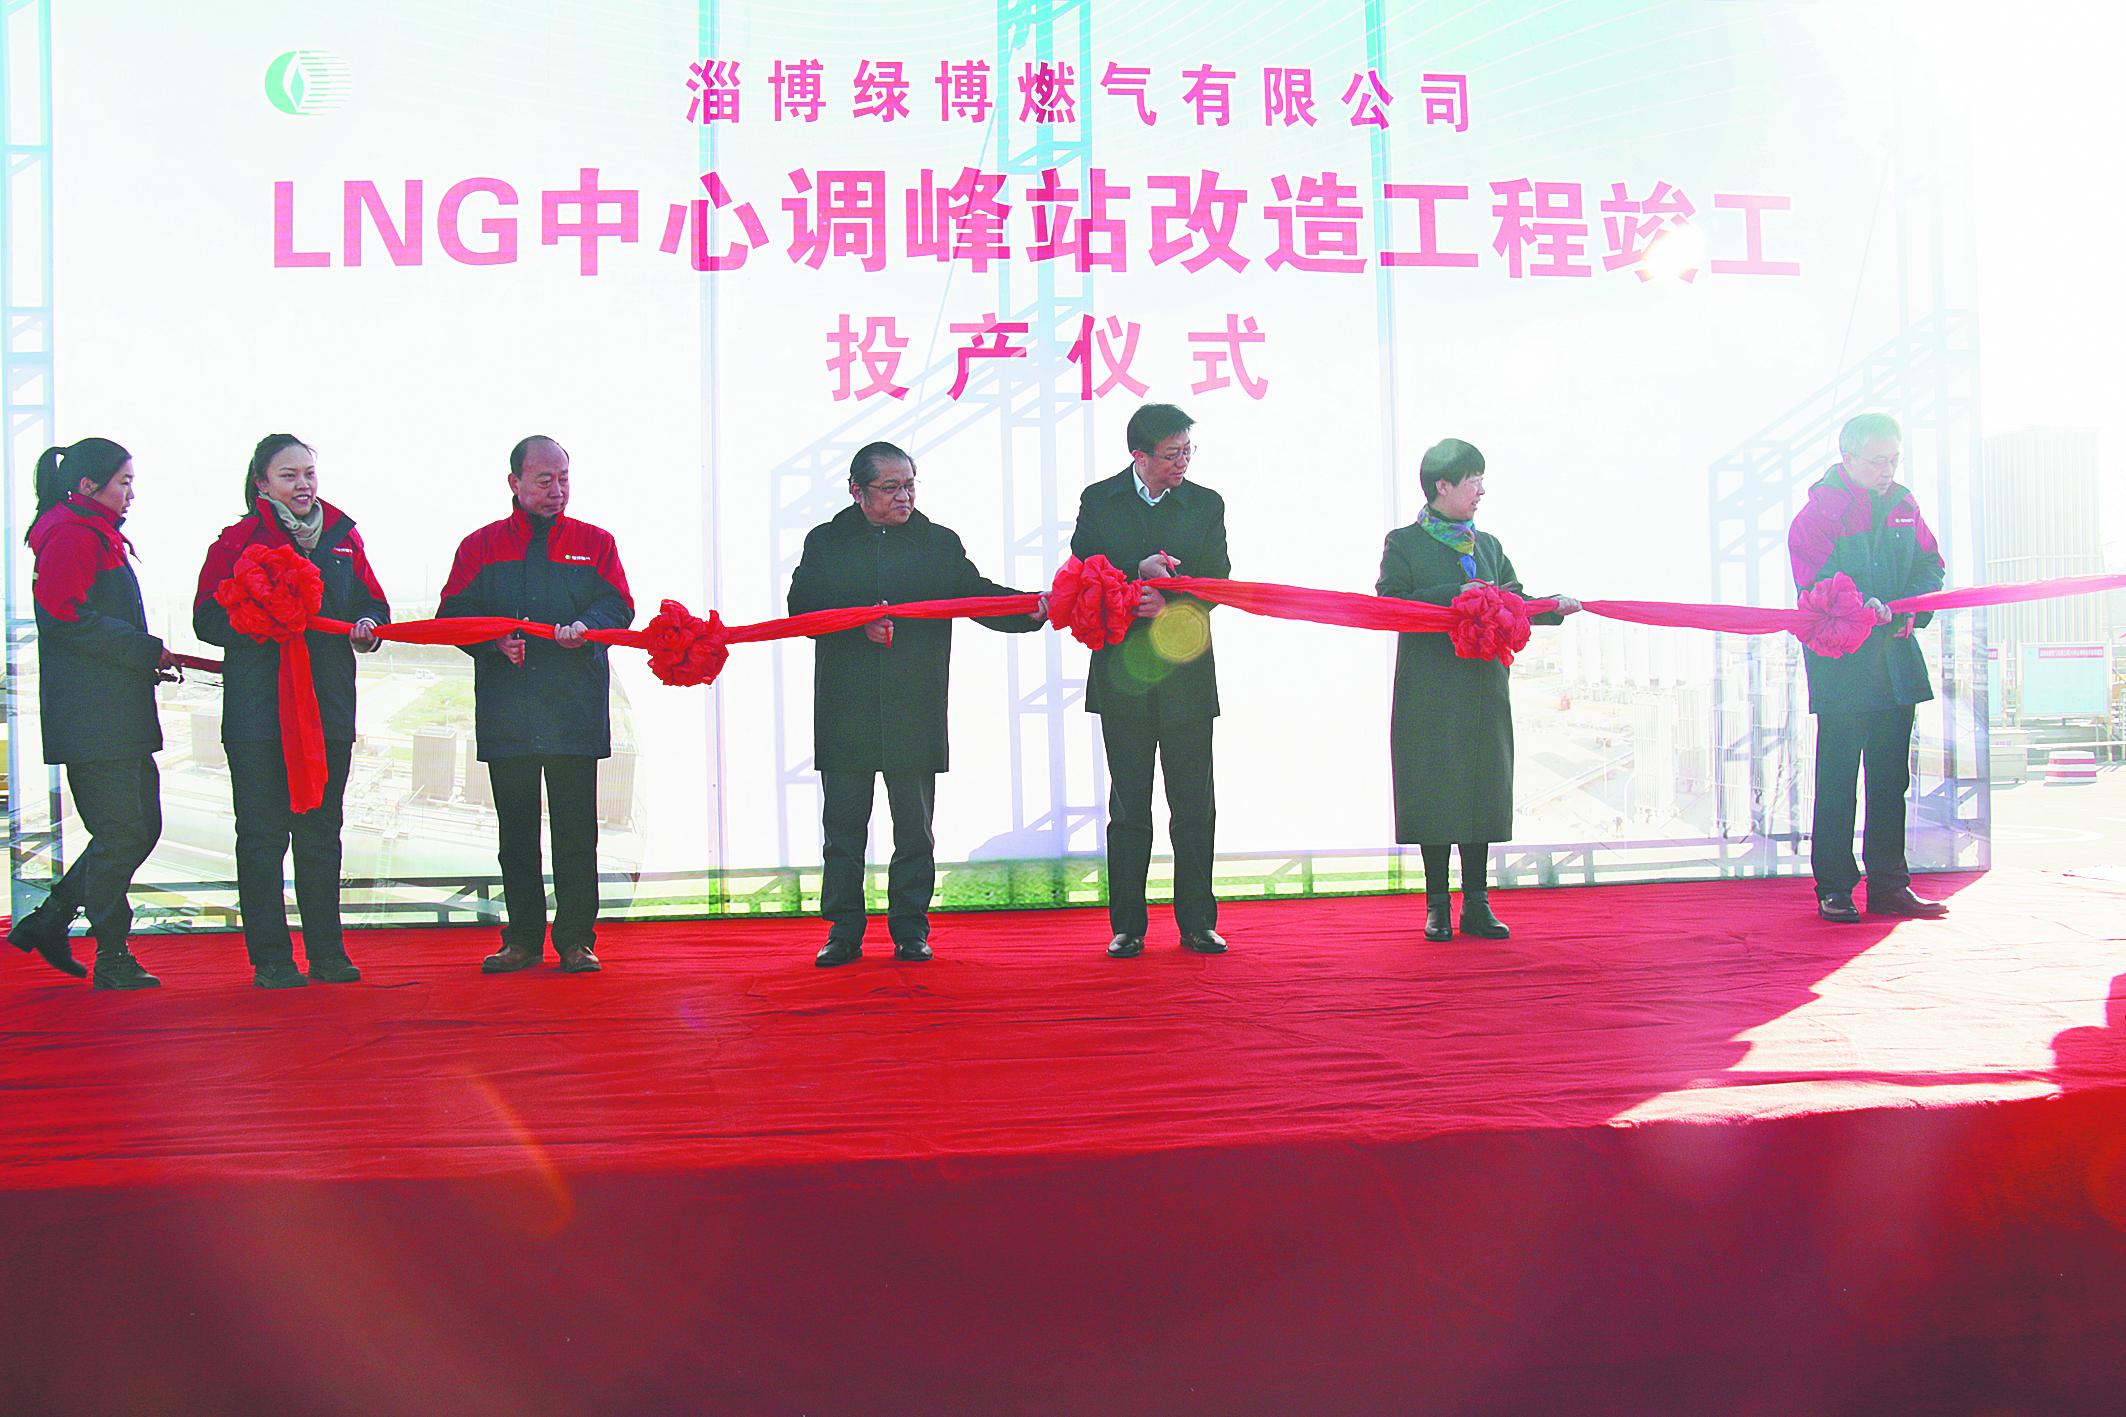 淄博一LNG调峰站改造完毕 日供气能力提升1倍